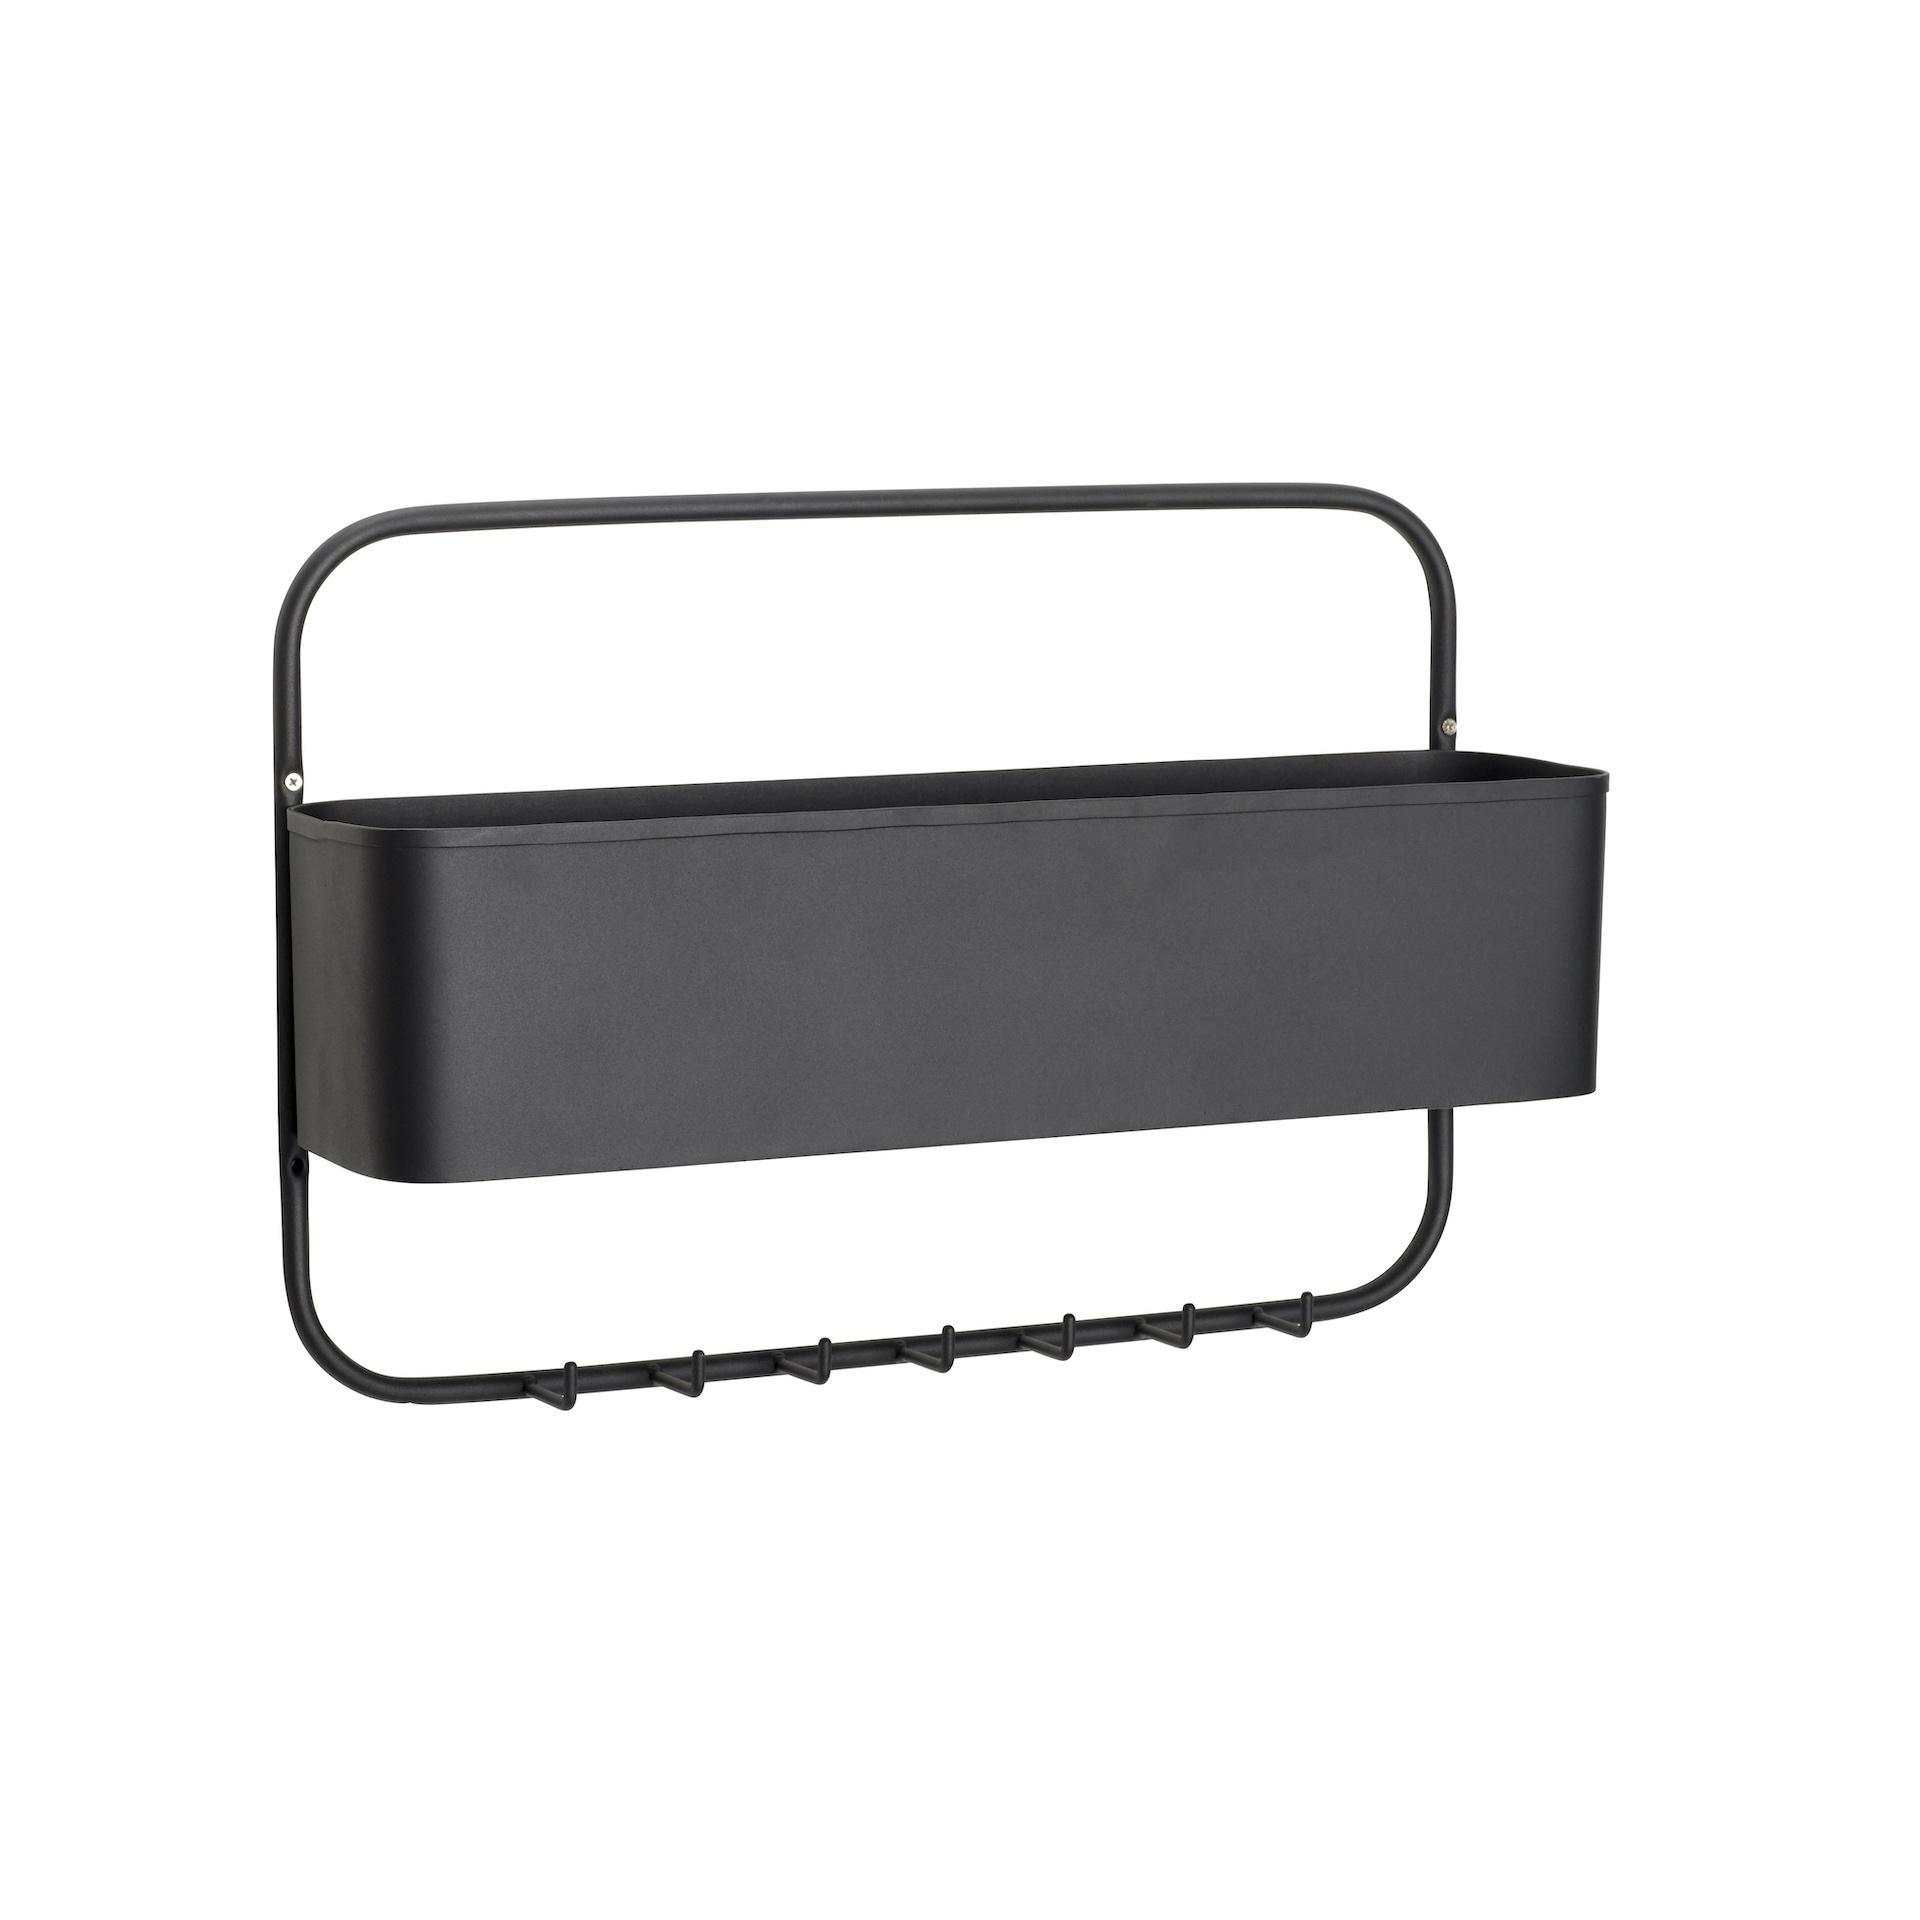 Hubsch wandrek met hanger - metaal - zwart - 62x41x16cm-20912-5712772071687